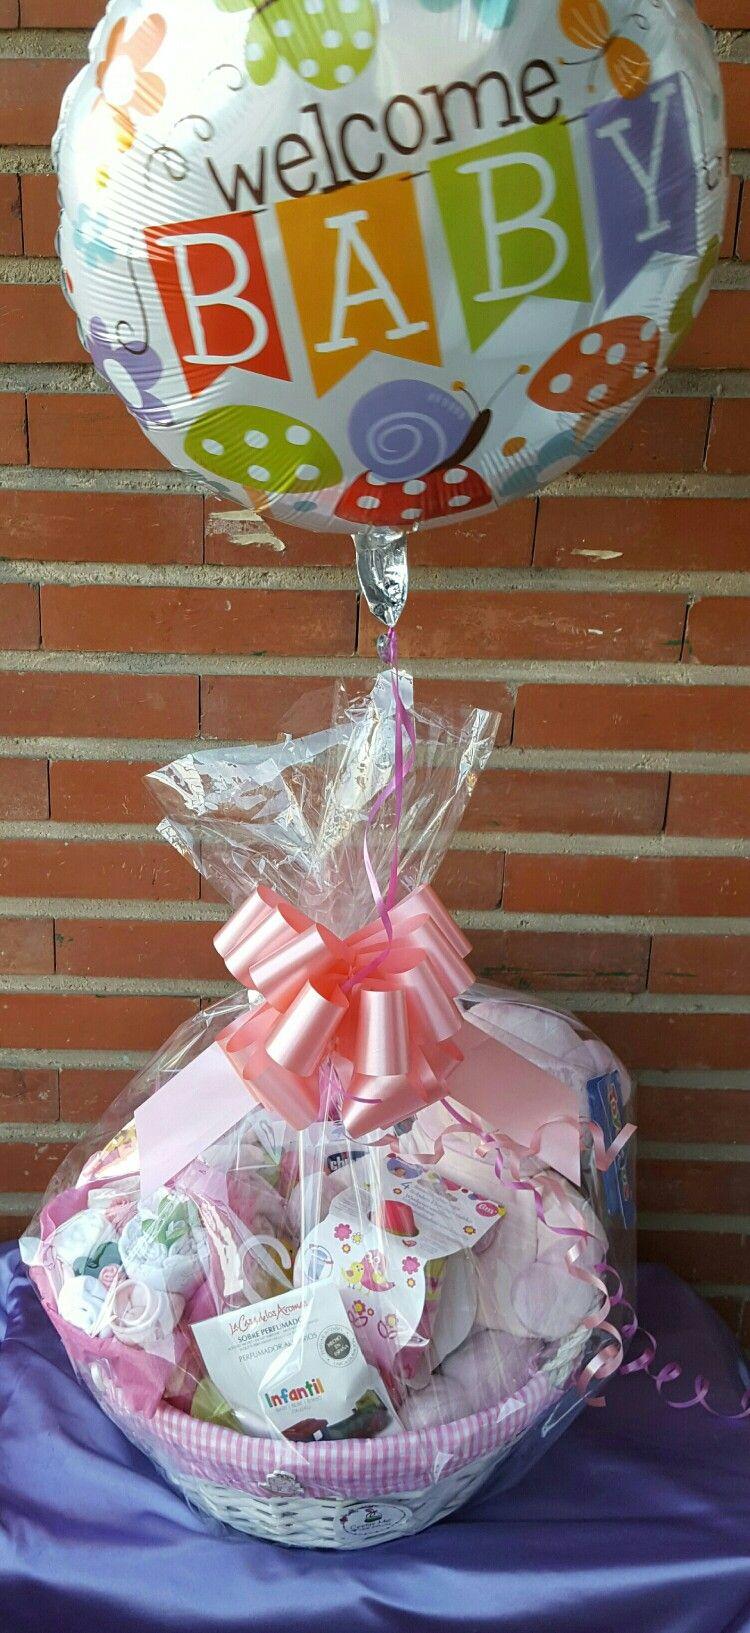 Cesta Bebé Con Globo De Bienvenida Personalizado Para El Recién Nacido Regalamos Globo En Cestas A Partir De 60 Infantil Children Diaper Cake